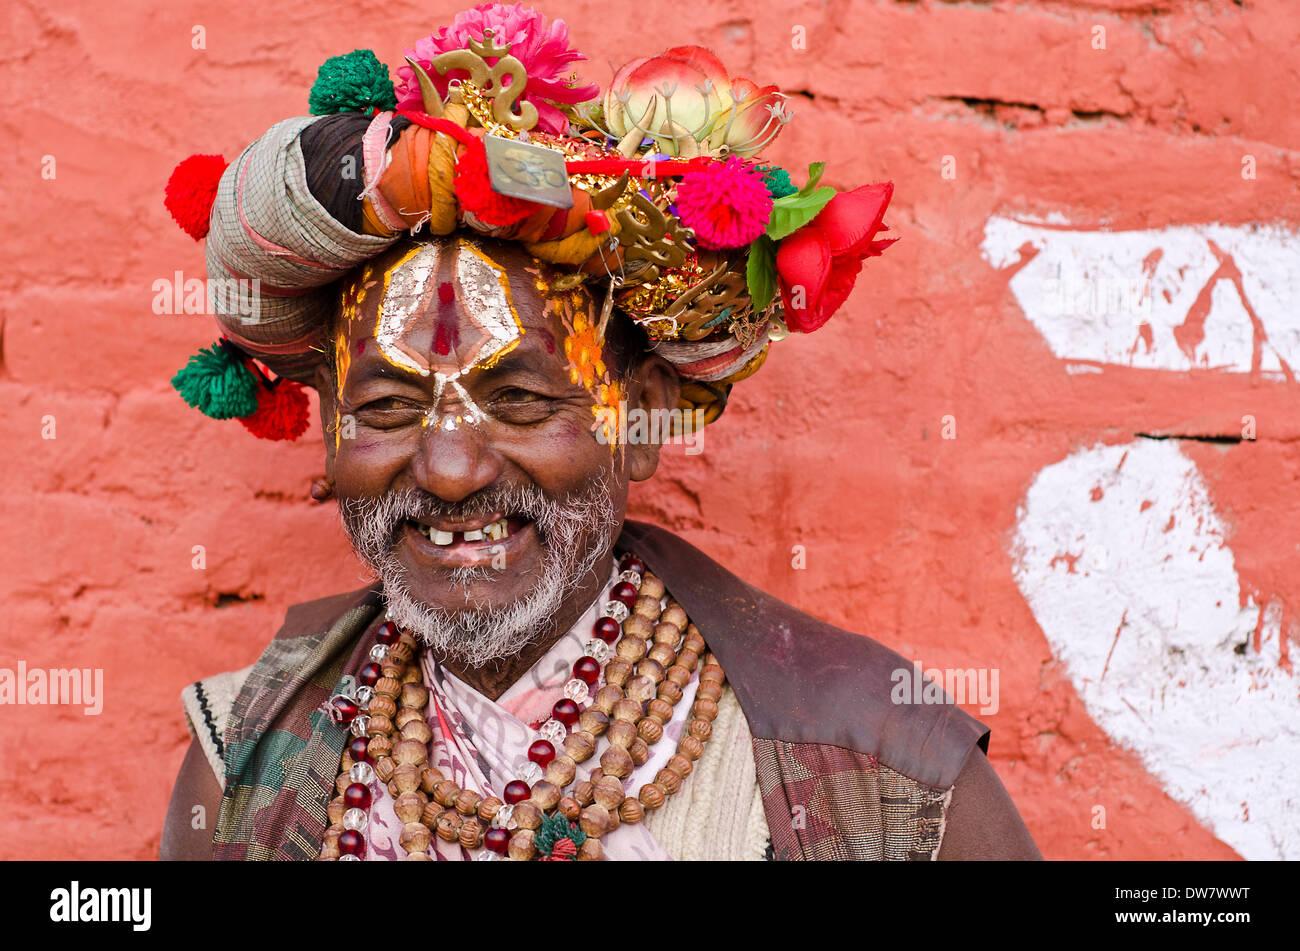 Sadhu at Pashupatinath during annual Shivaratri festival,Kathmandu,Nepal - Stock Image